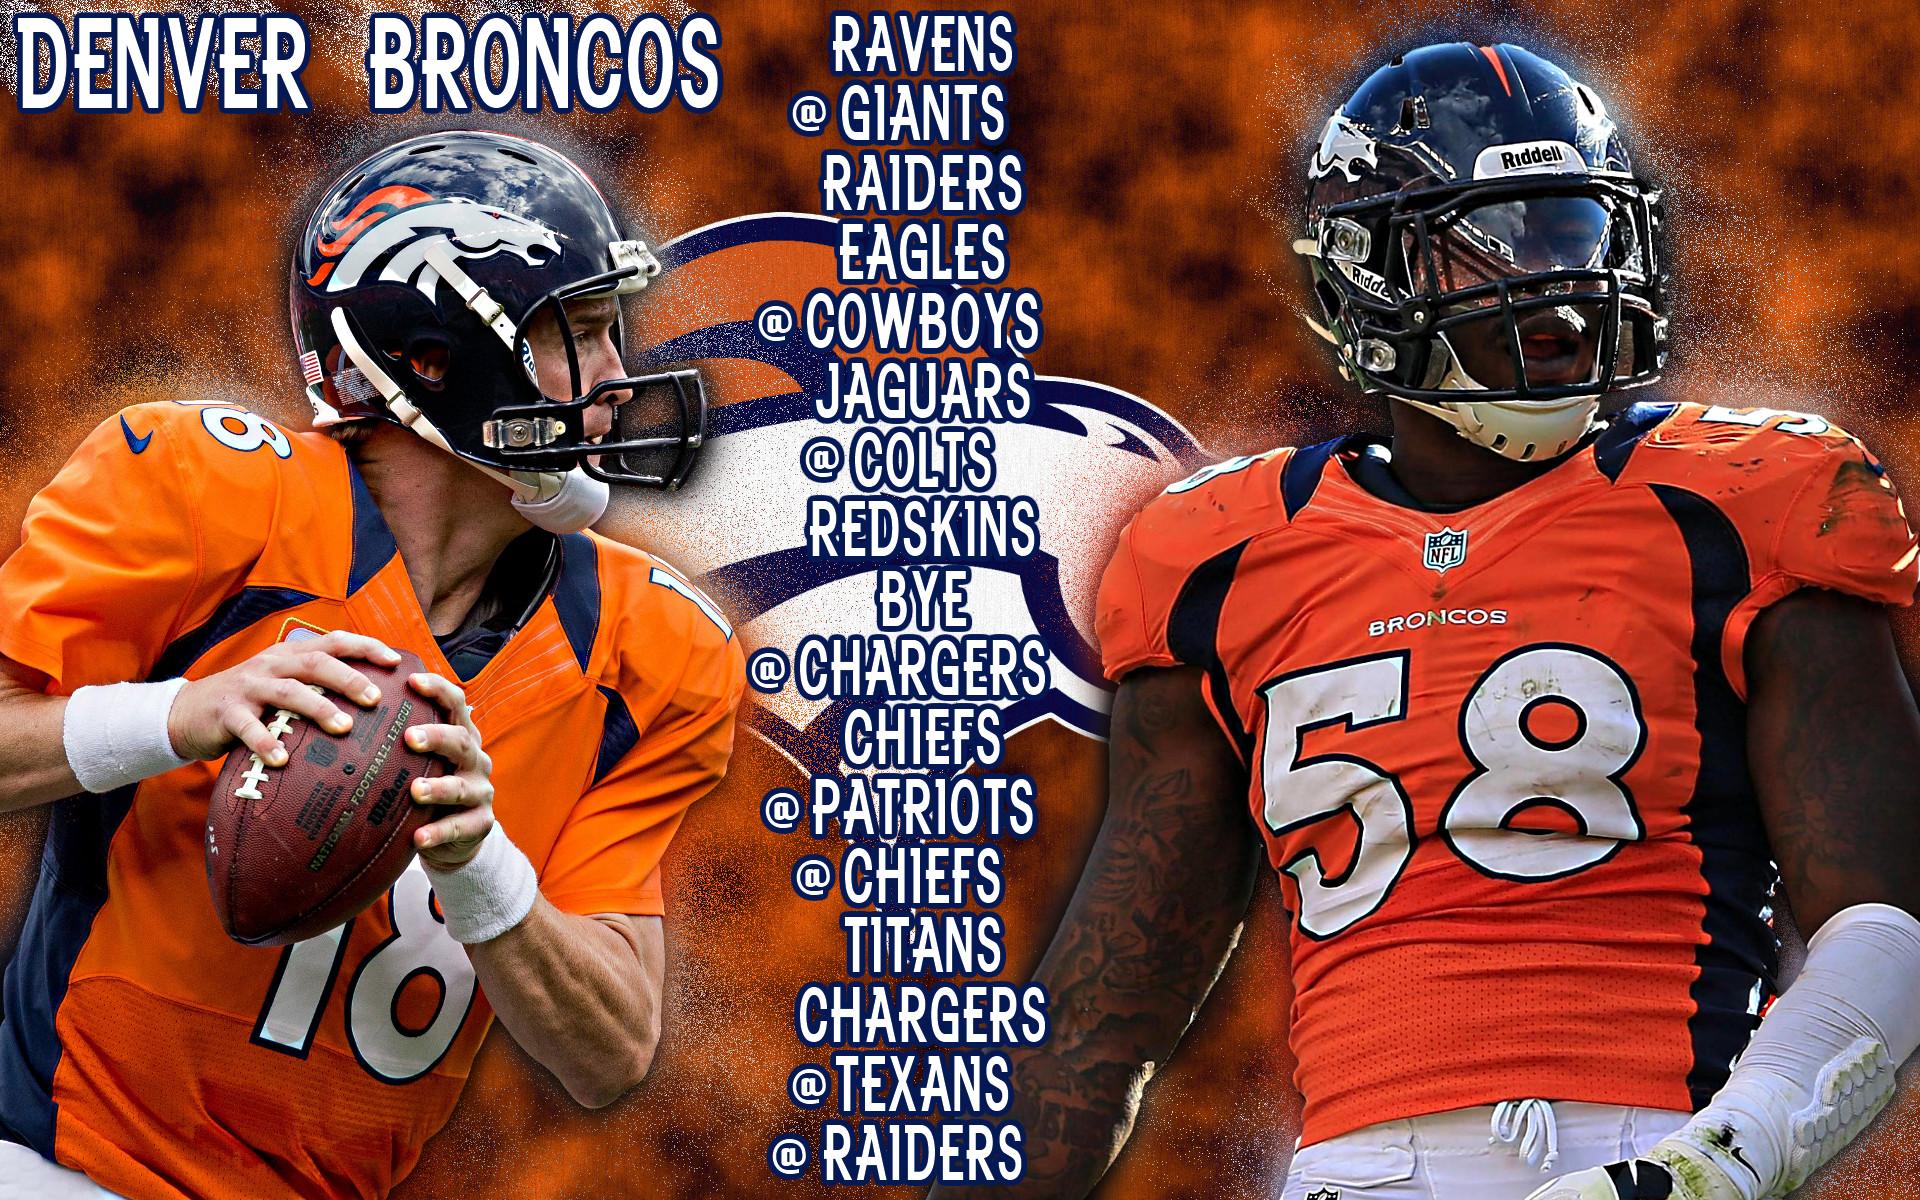 Denver-Broncos-Schedule-wallpaper-by-Dorian26r-1